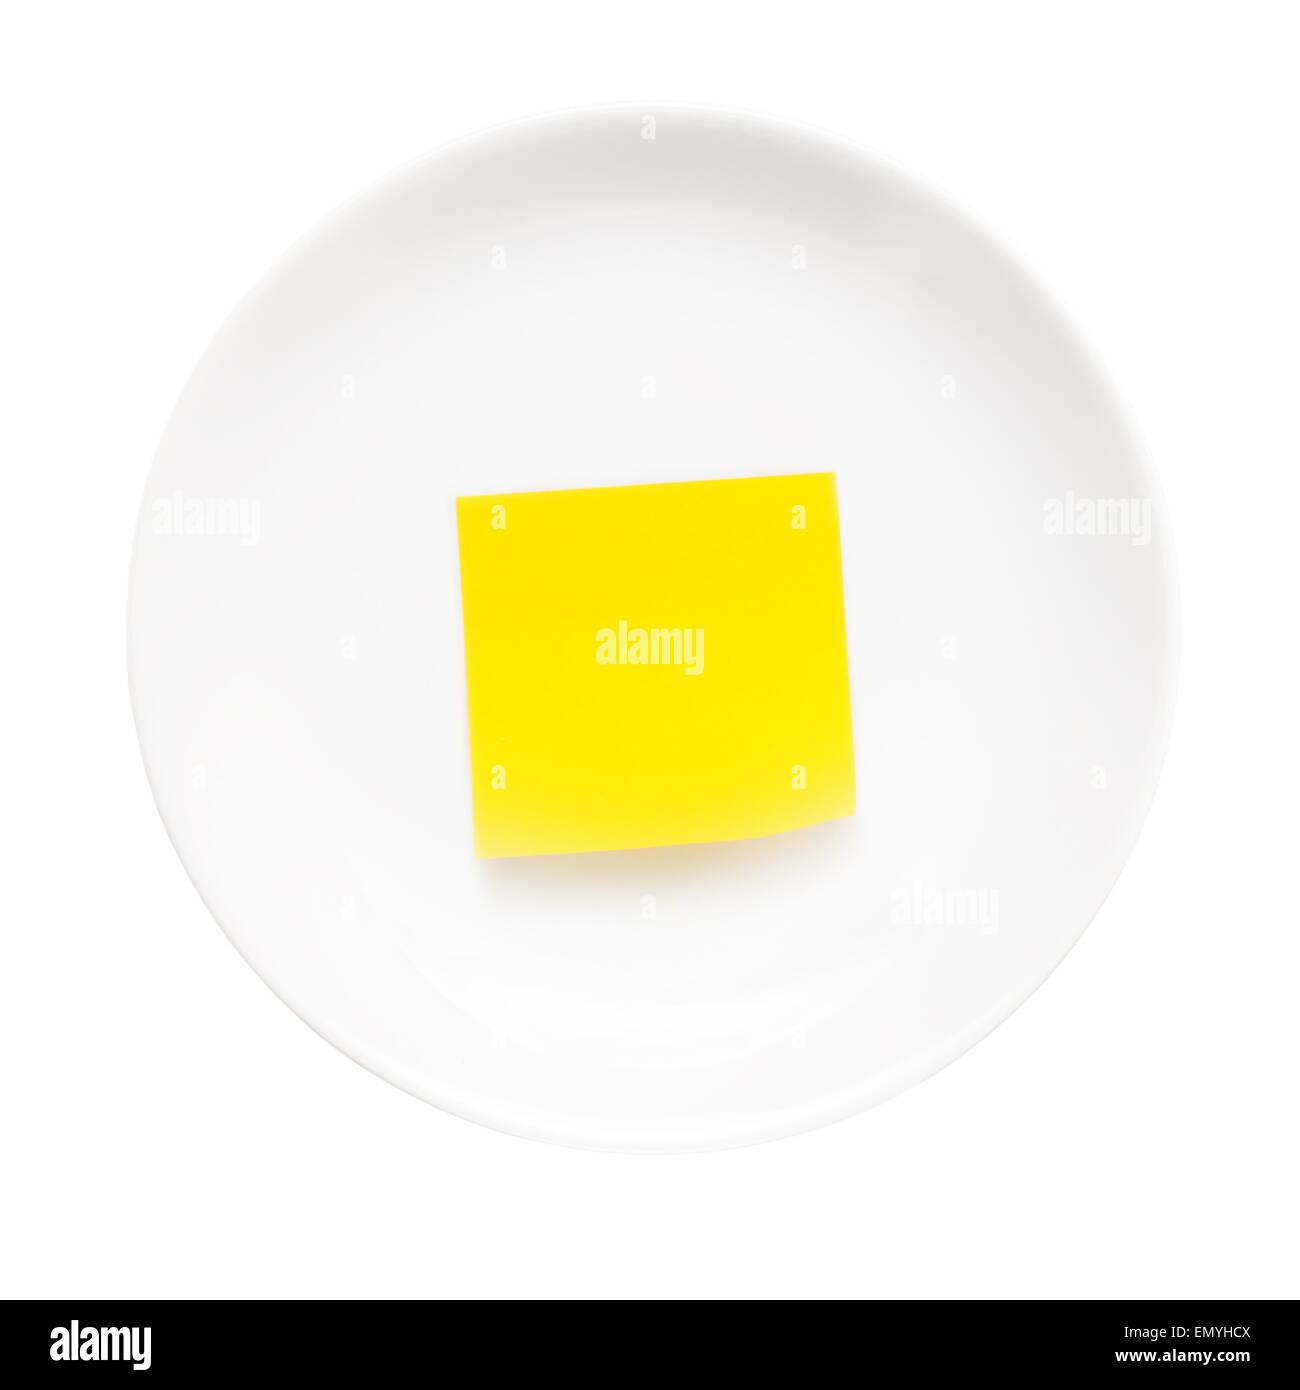 Weißen Teller mit Stick Hinweis darauf isoliert auf weißem Hintergrund. Stockbild